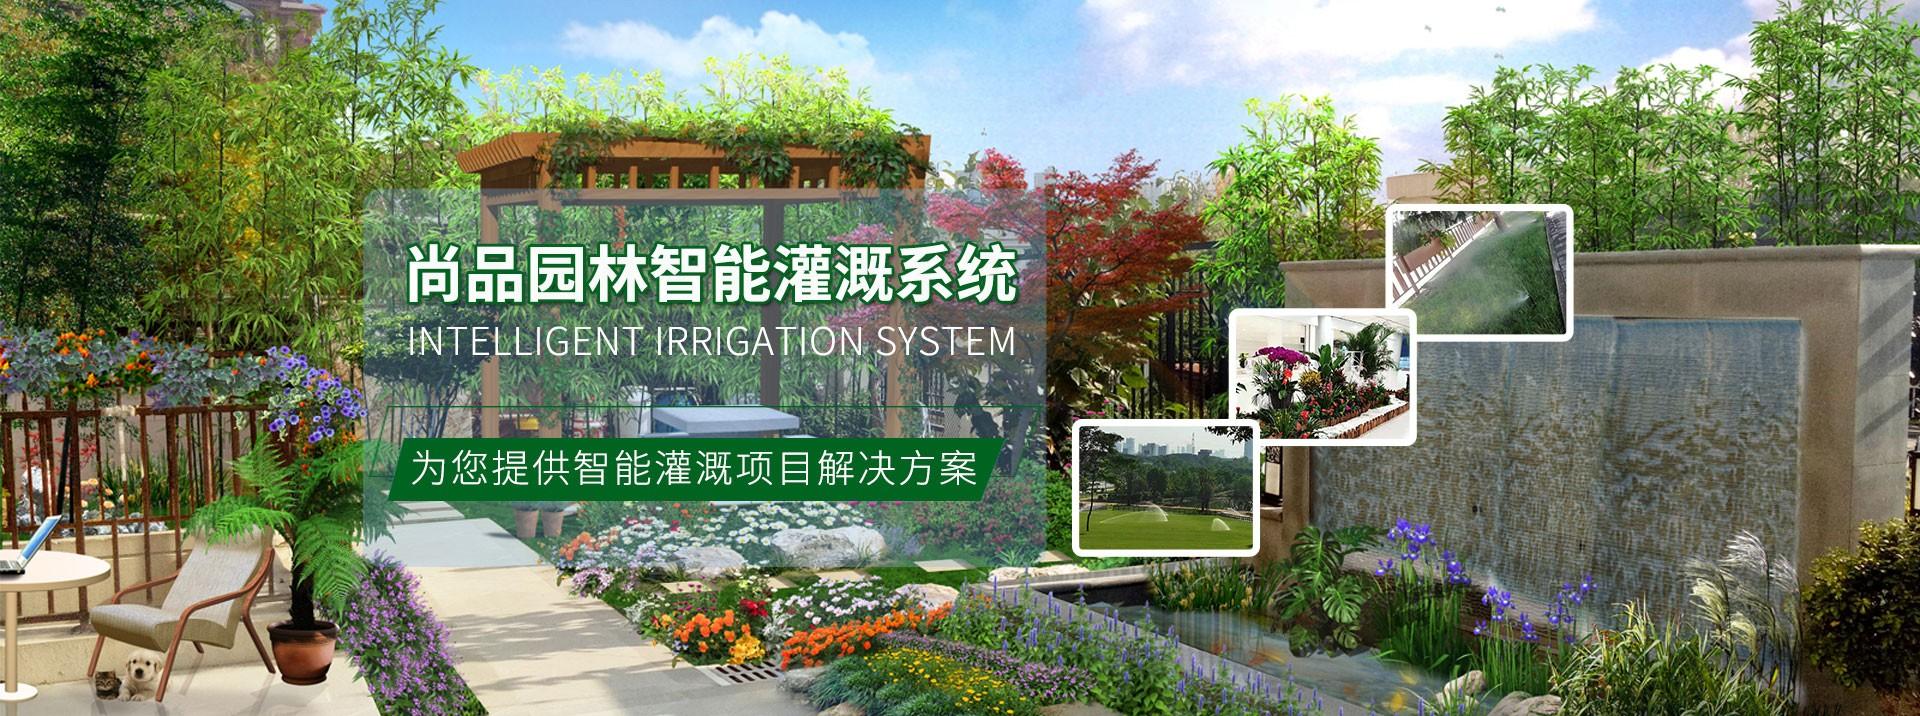 尚品园林智能灌溉系统